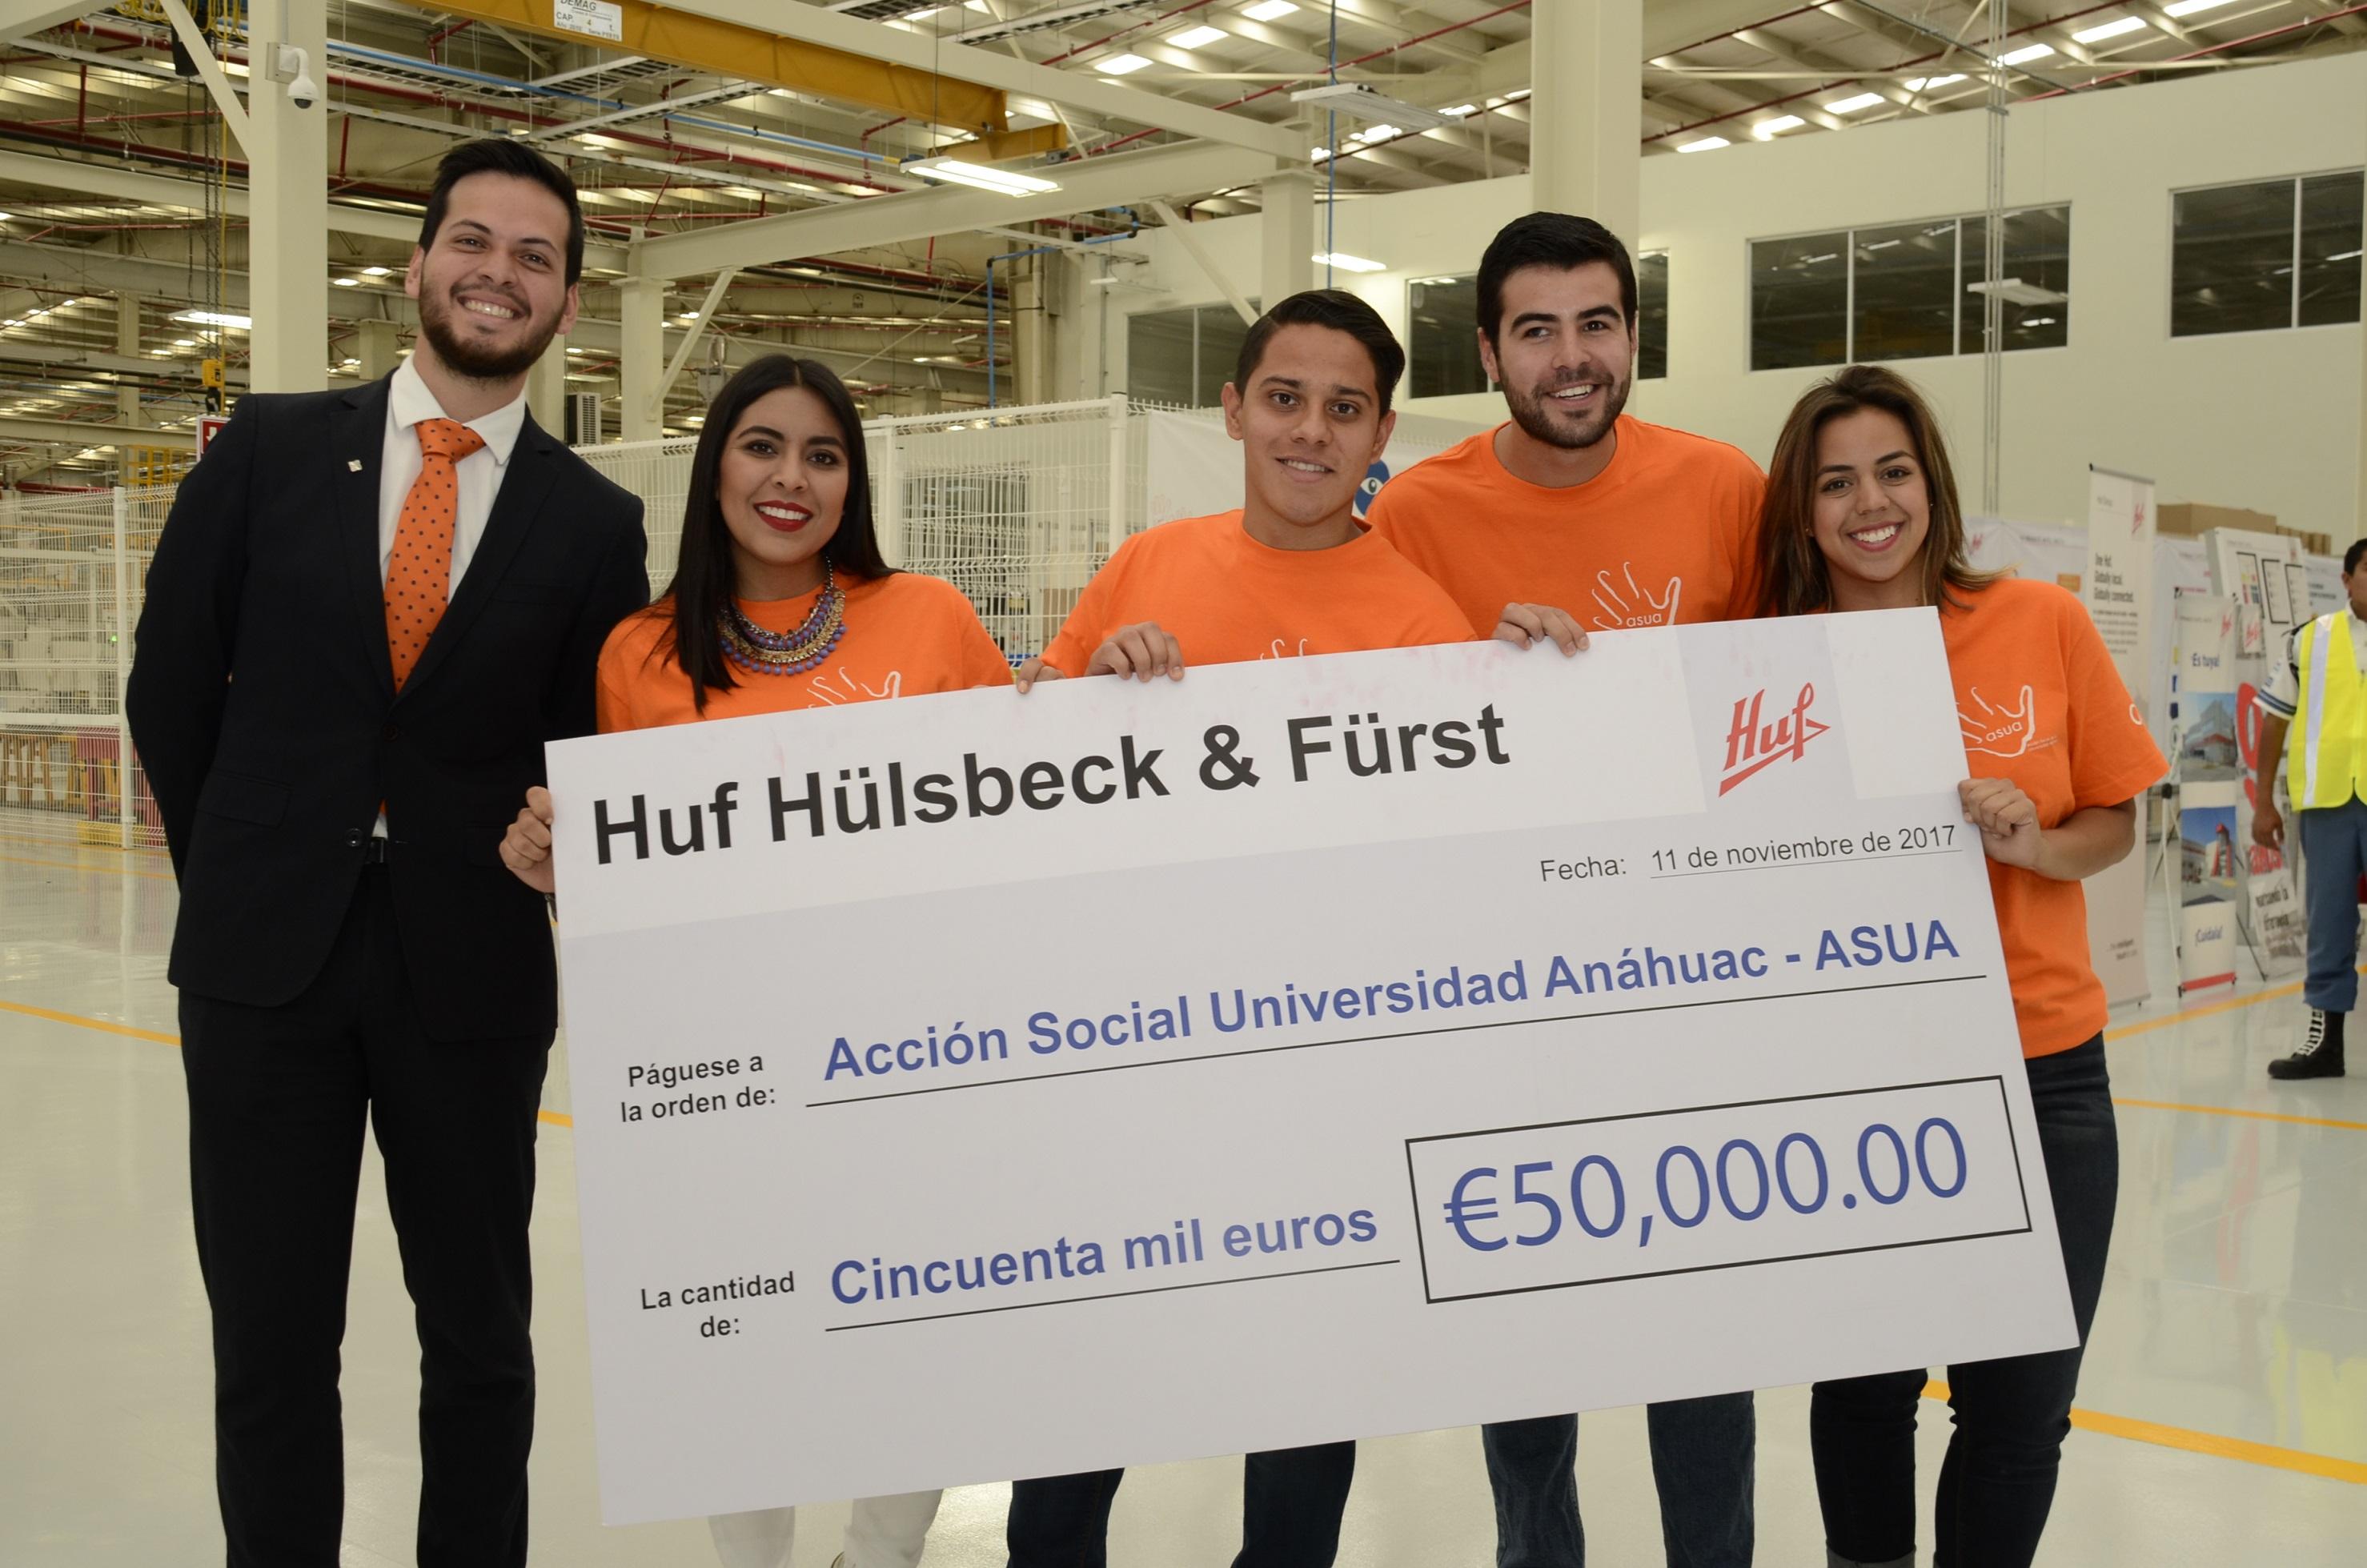 Huf Group y Universidad Anáhuac se unen en apoyo a damnificados